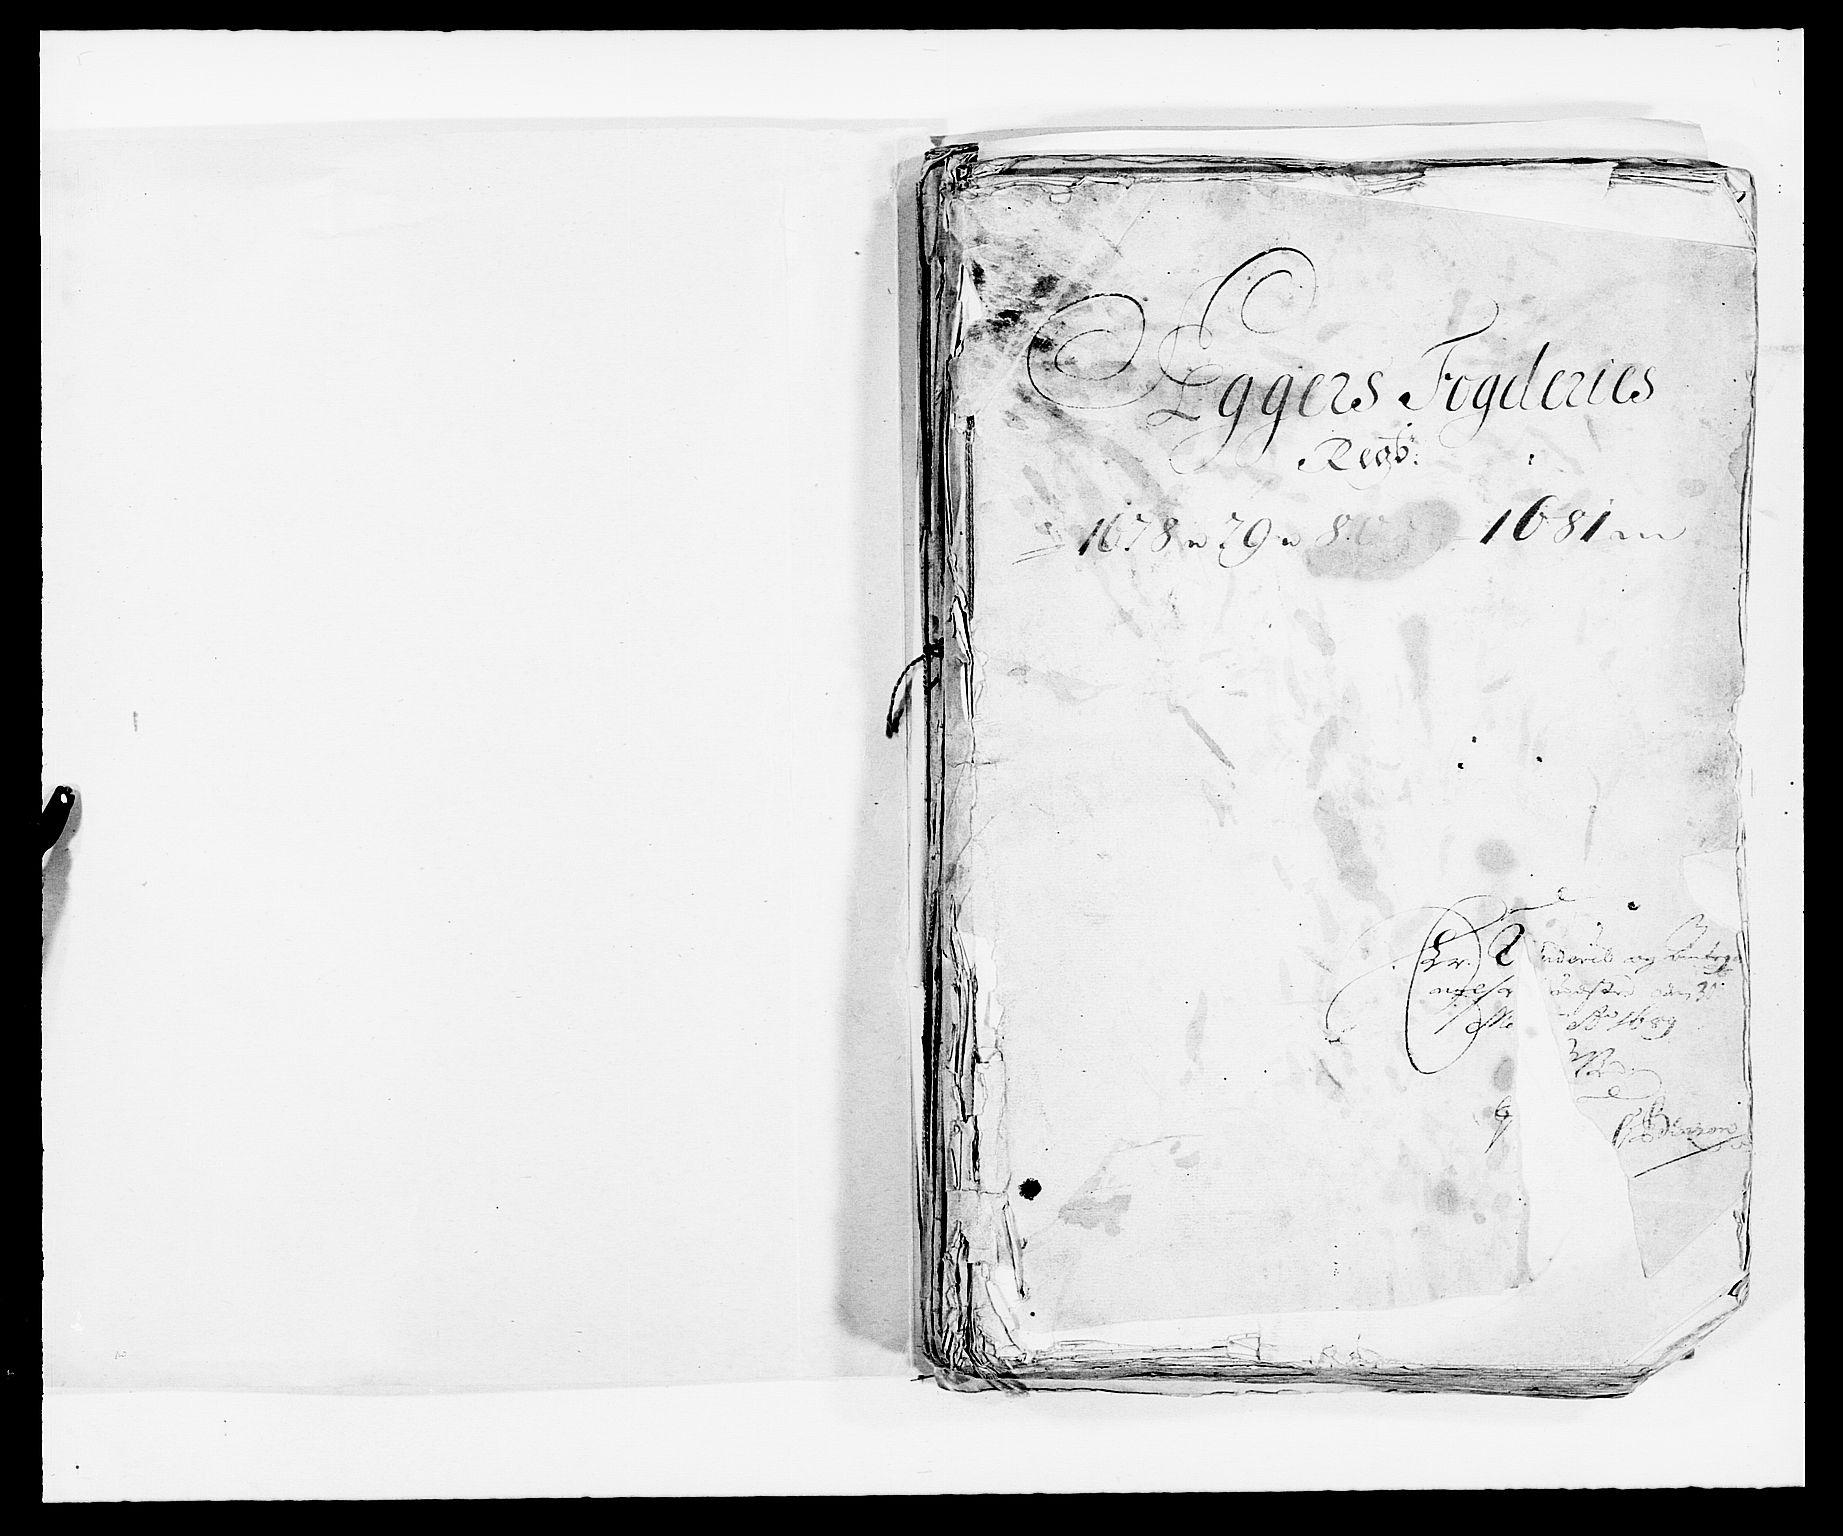 RA, Rentekammeret inntil 1814, Reviderte regnskaper, Fogderegnskap, R08/L0416: Fogderegnskap Aker, 1678-1681, s. 2